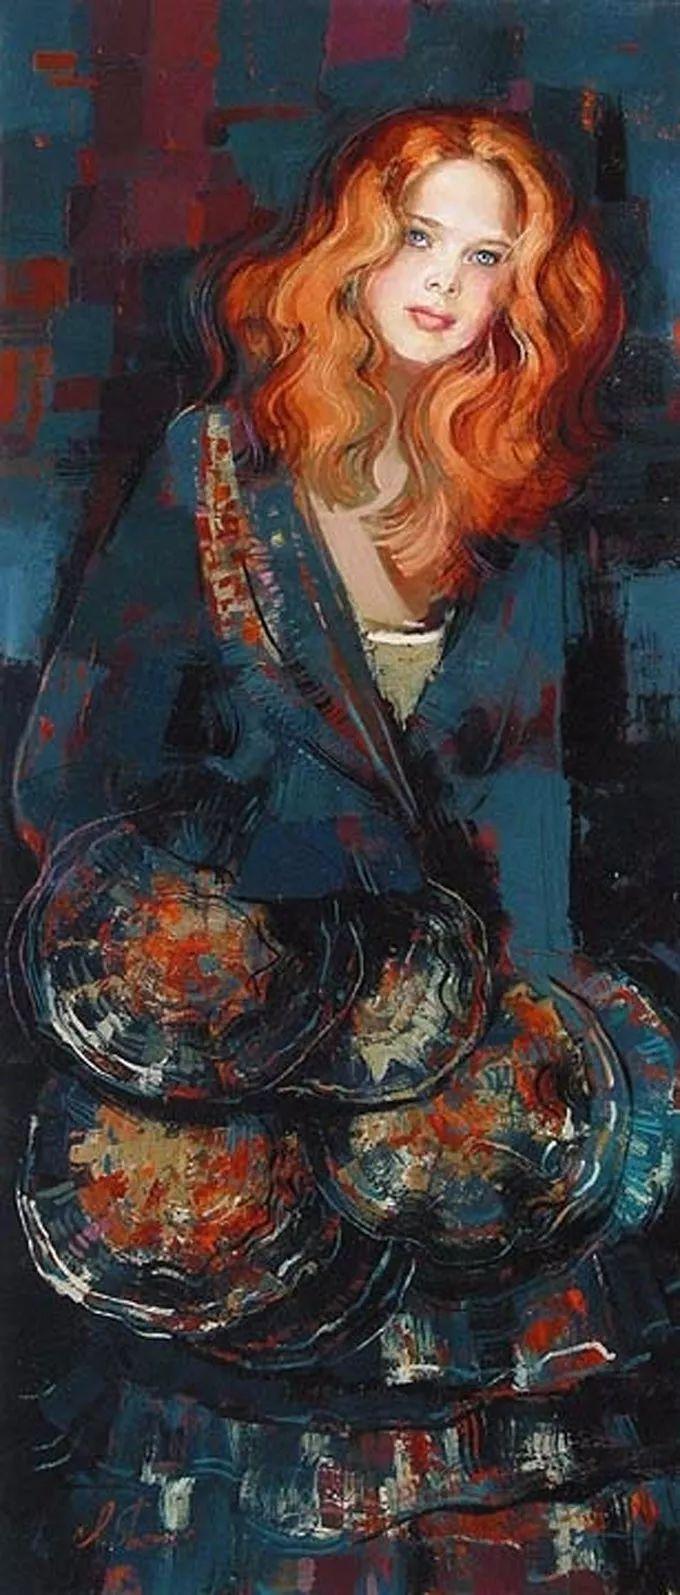 她的油画有一种惊艳脱俗的美,乌克兰天才女画家艾琳·谢里插图21